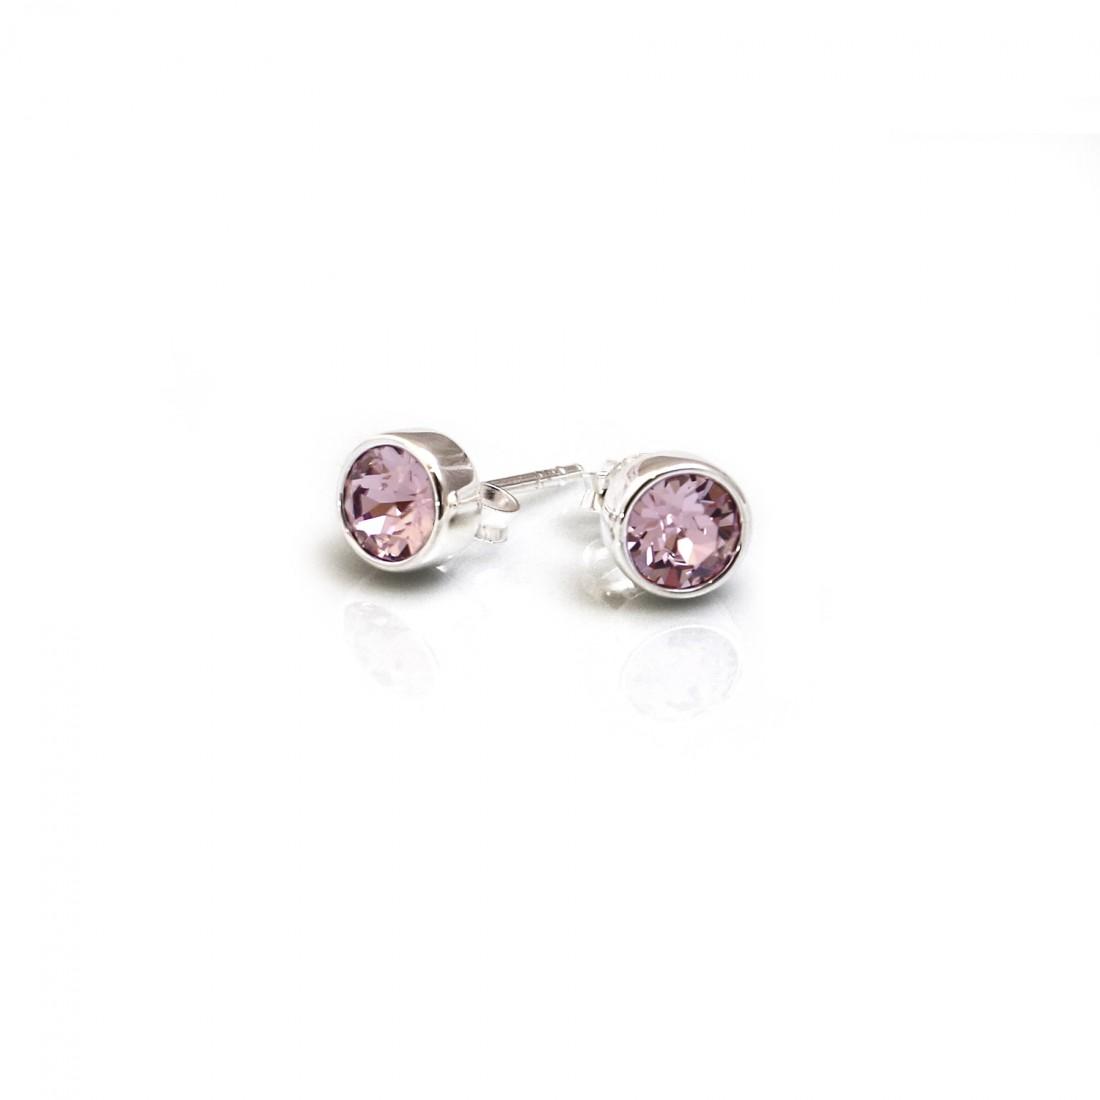 June Birthstone - Sterling Silver & Light Amethyst CZ Stud Earrings